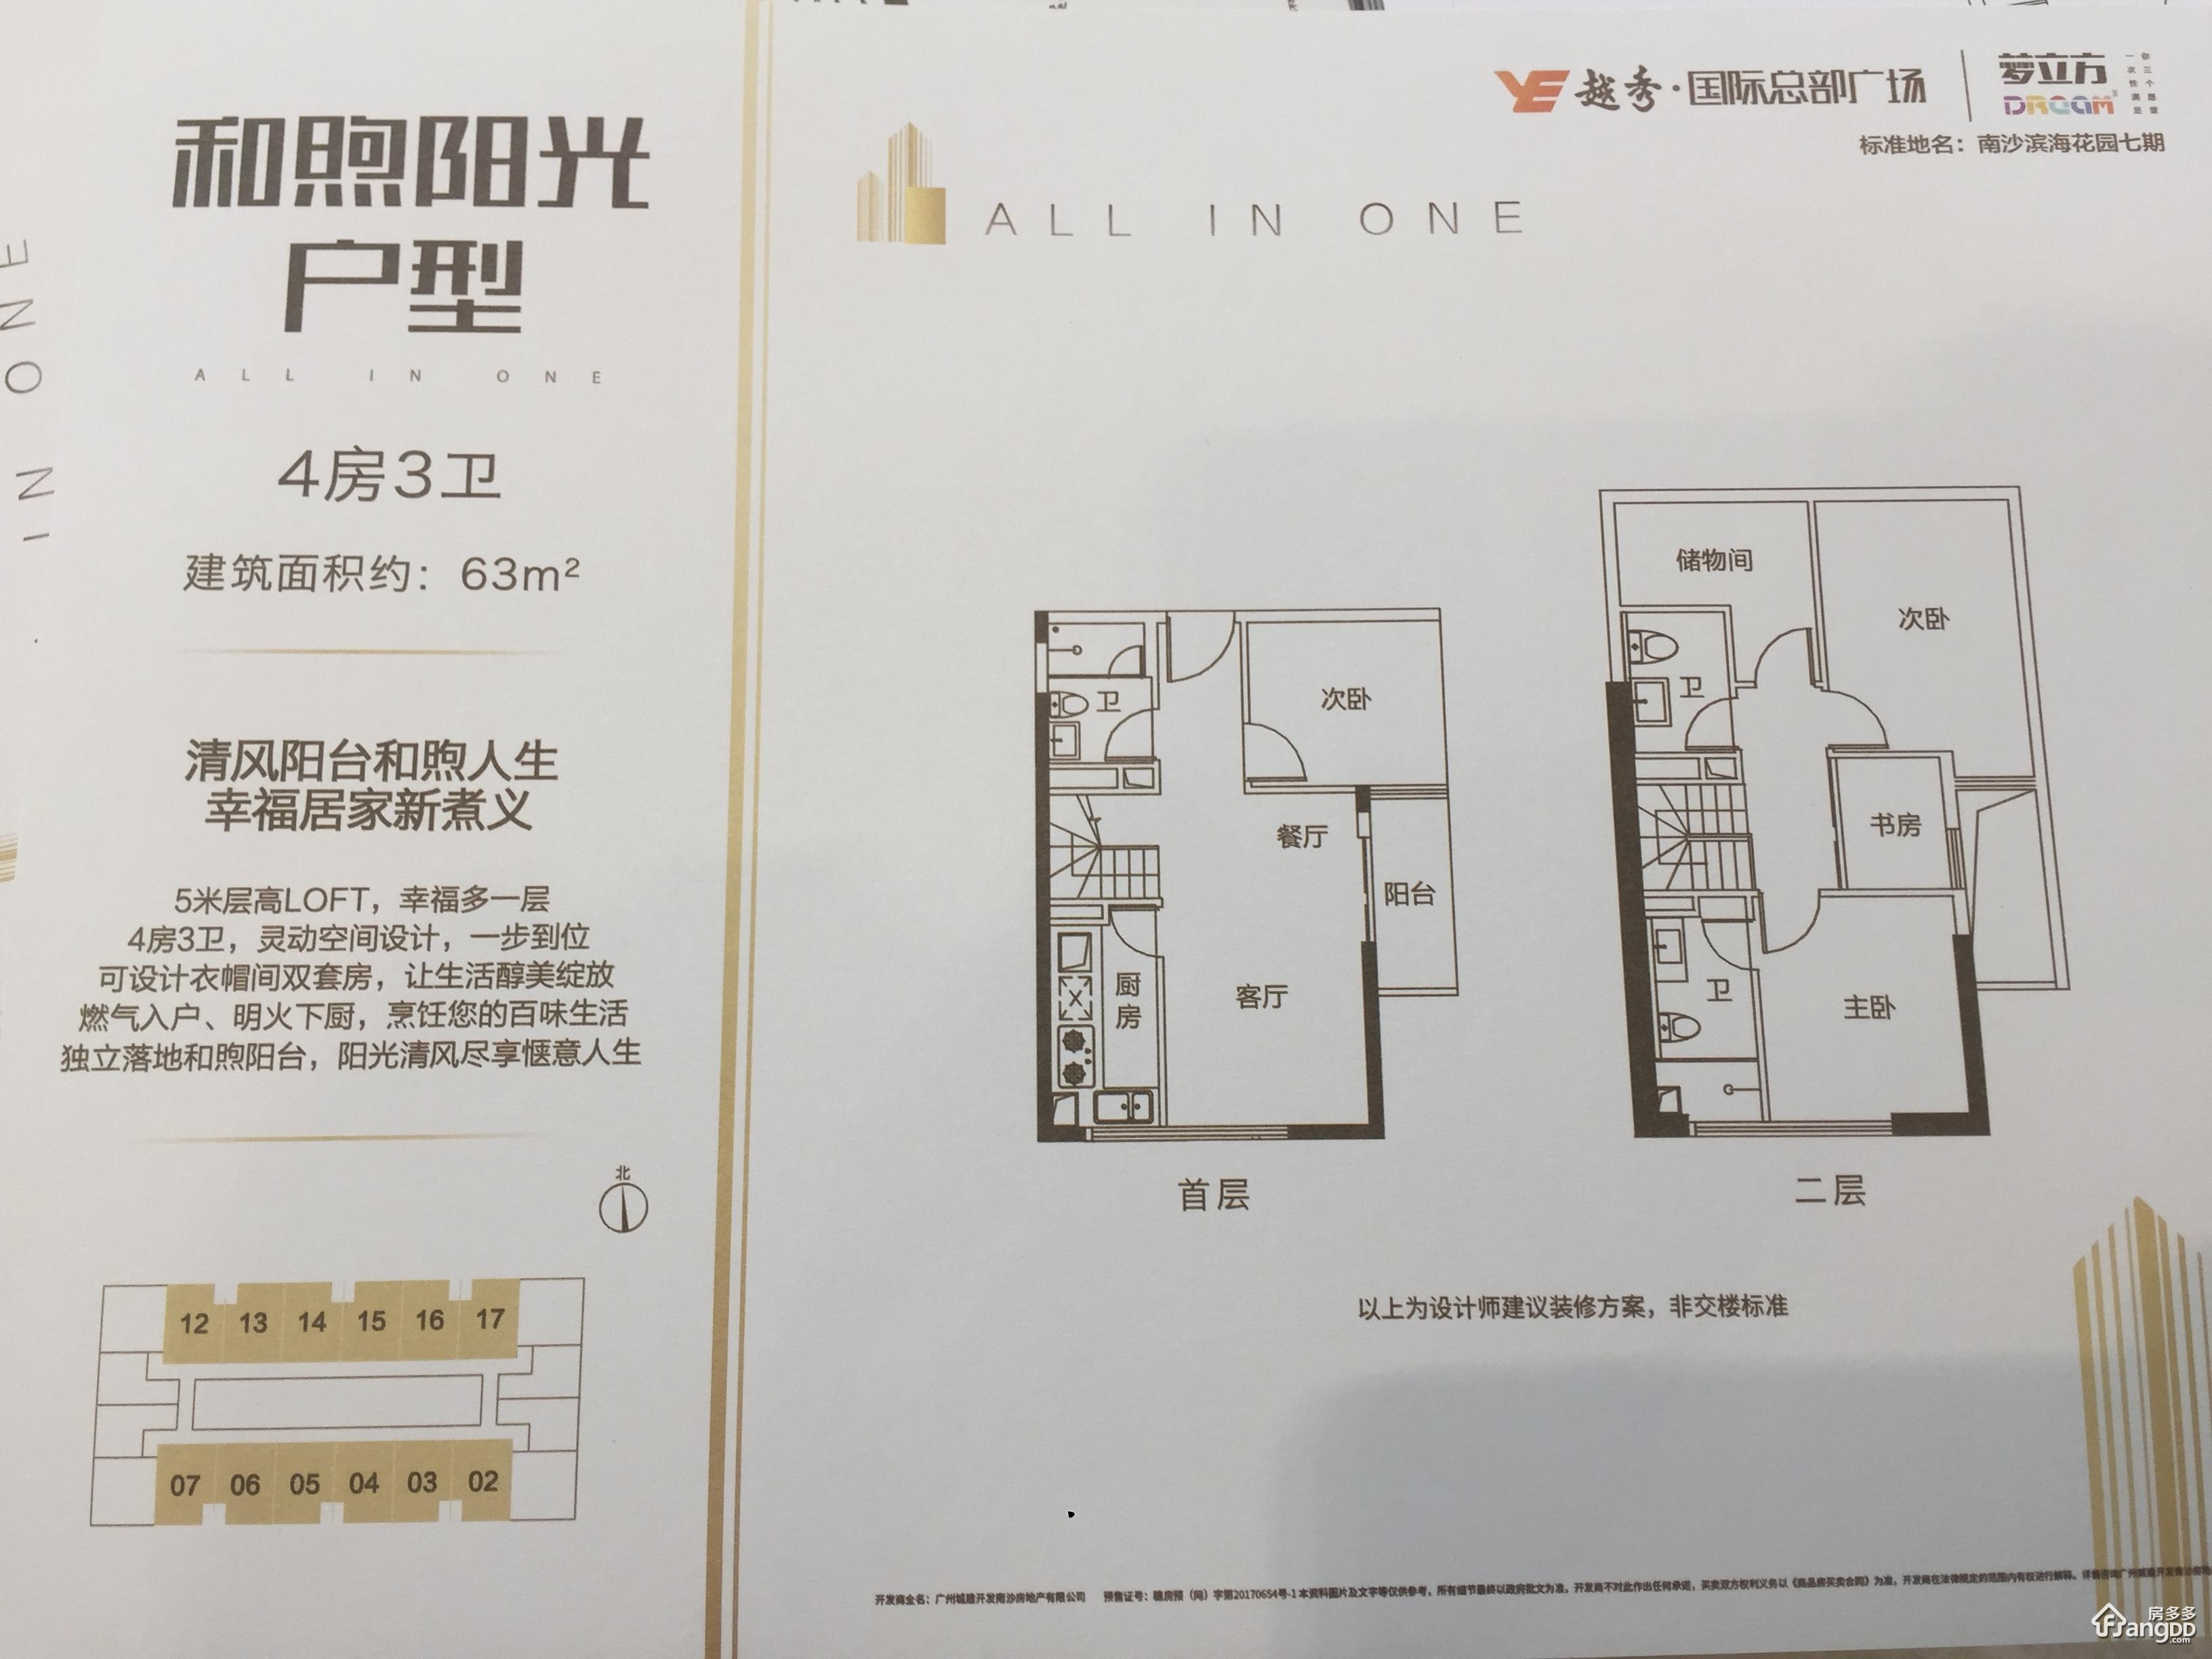 越秀国际总部广场(商用)4室2厅2卫户型图